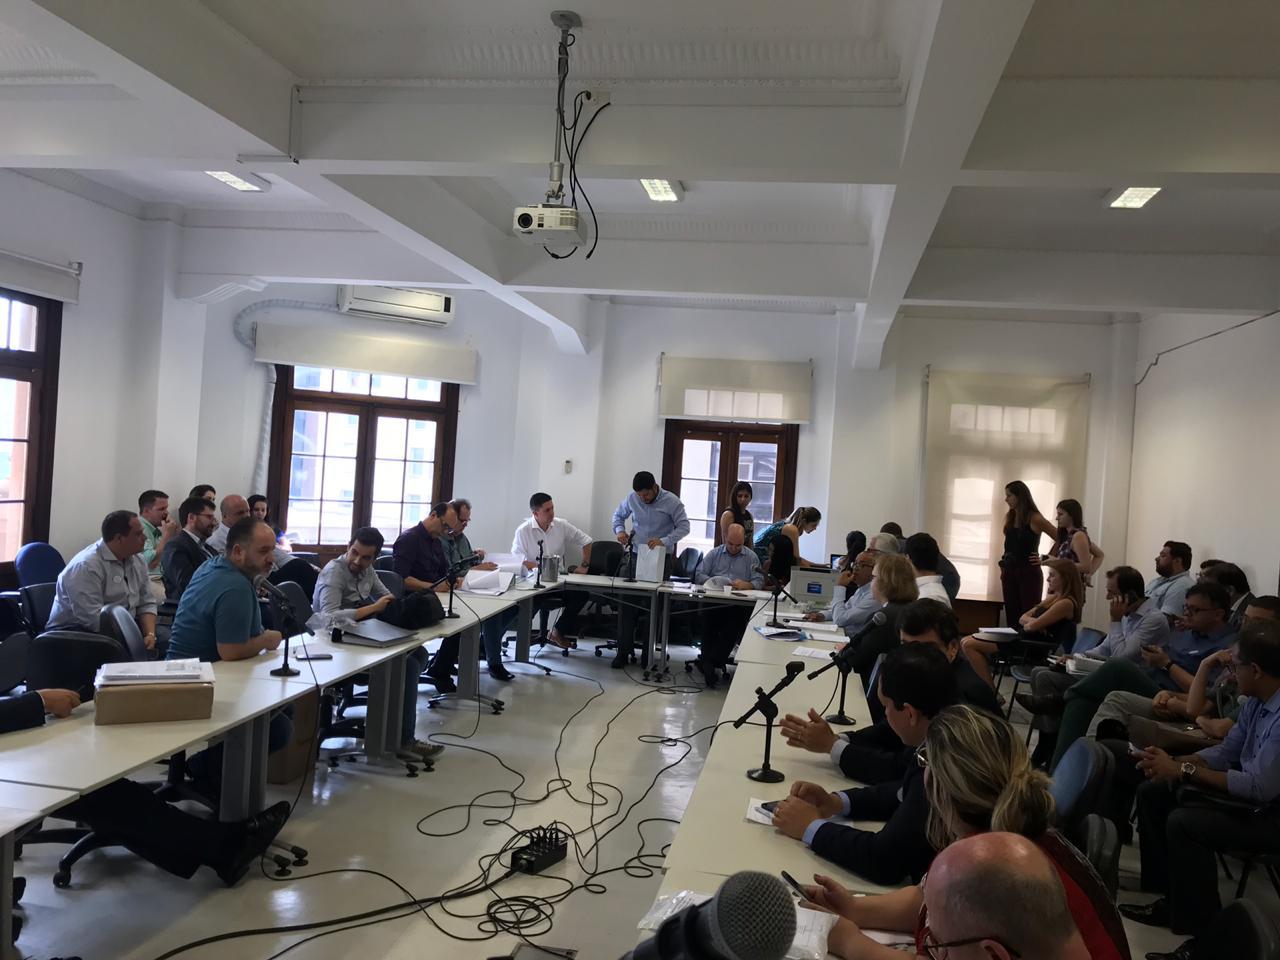 Foto em sala com mesa em U. Pessoas assistem ao presidente da Cohab Alexsandro Peixe abrindo os envelopes das empresas